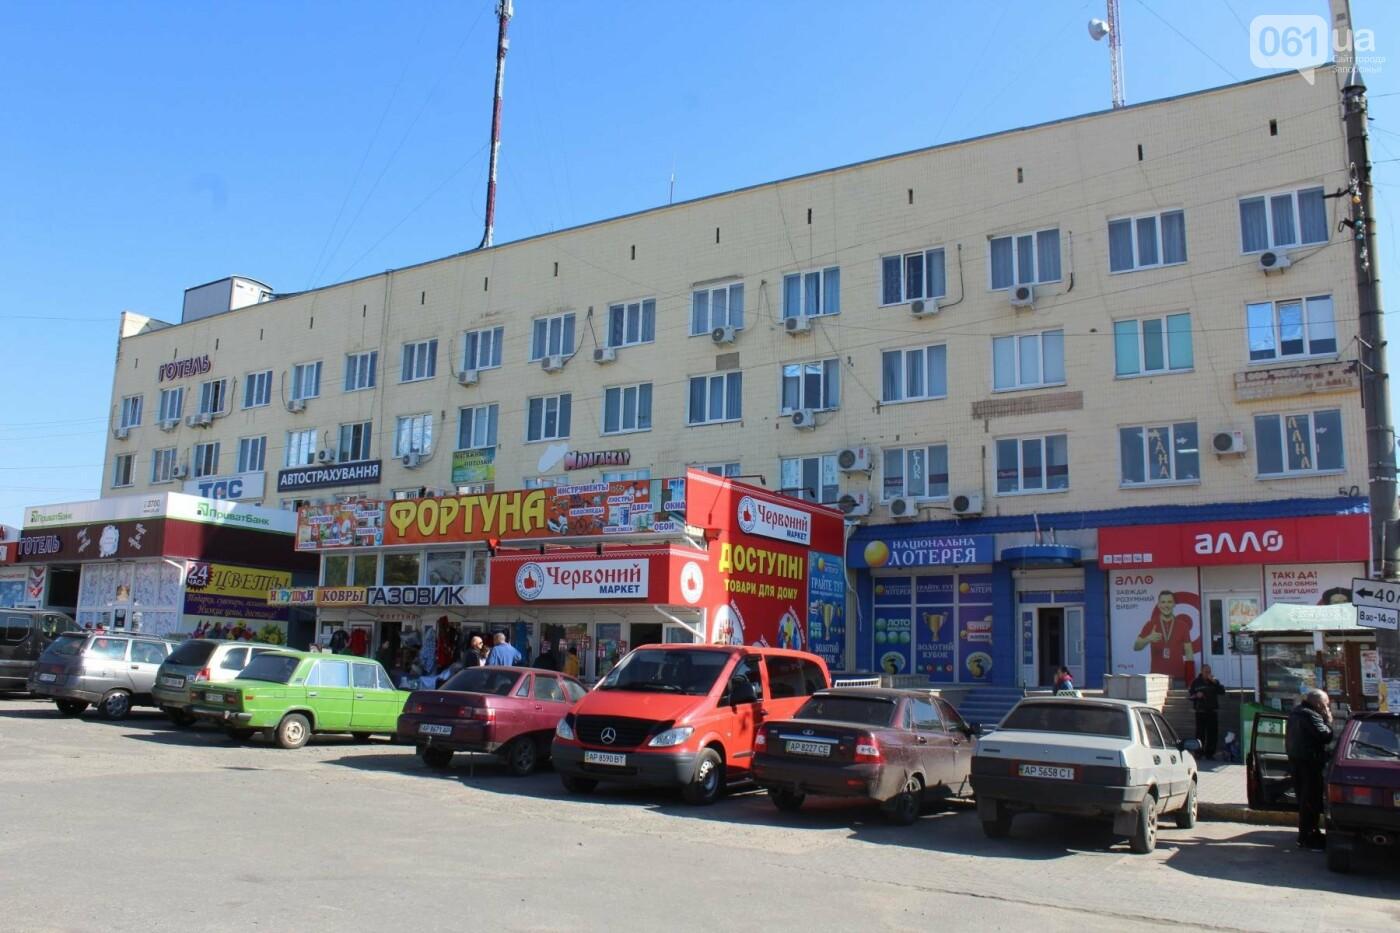 Как там в Токмаке: репортаж из официально депрессивного города, фото-4